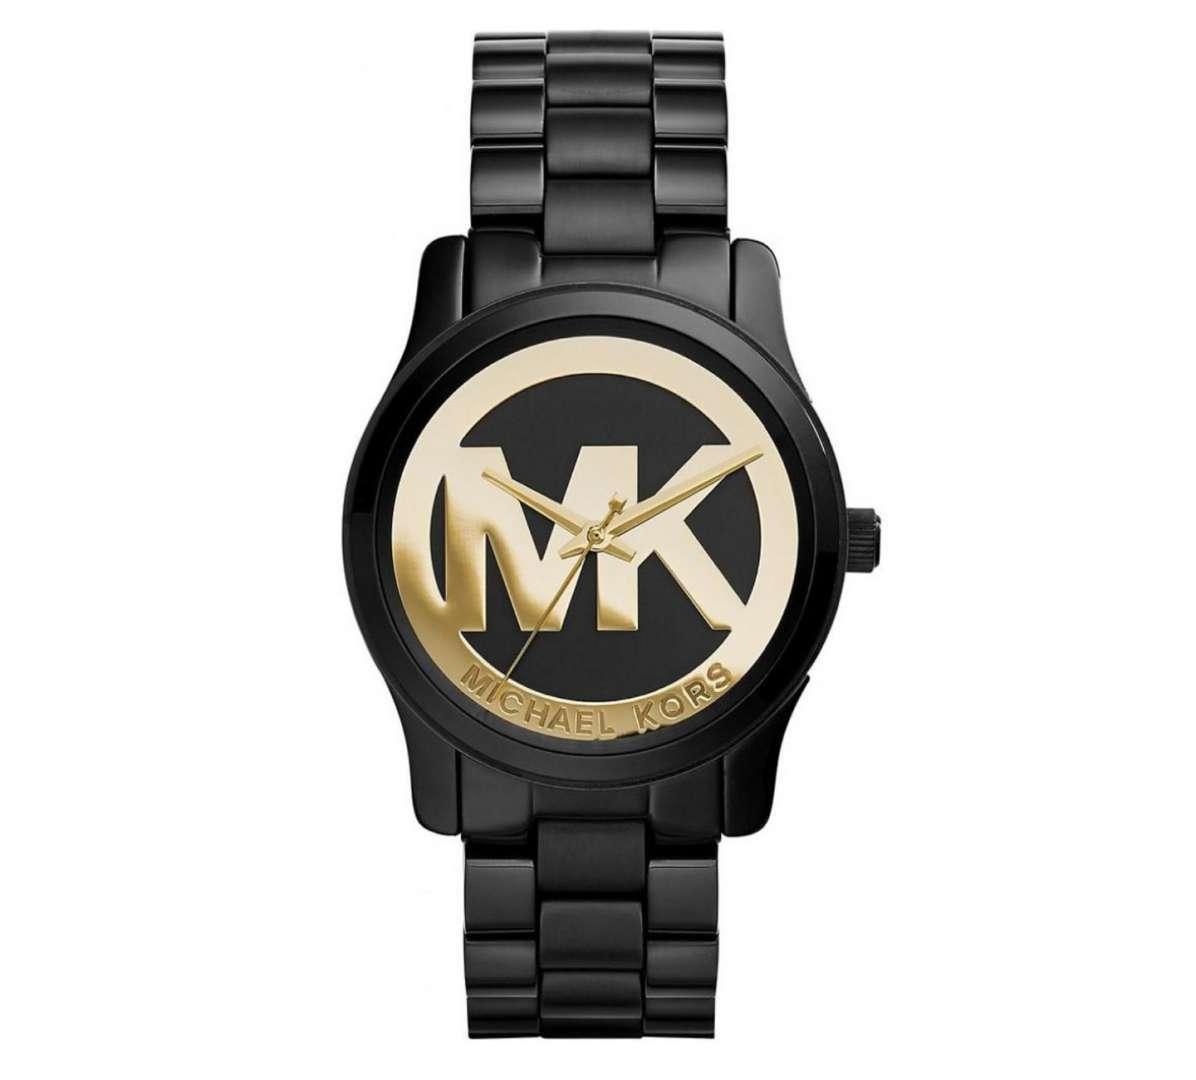 שעון יד אנלוגי לאישה michael kors mk6057 מייקל קורס